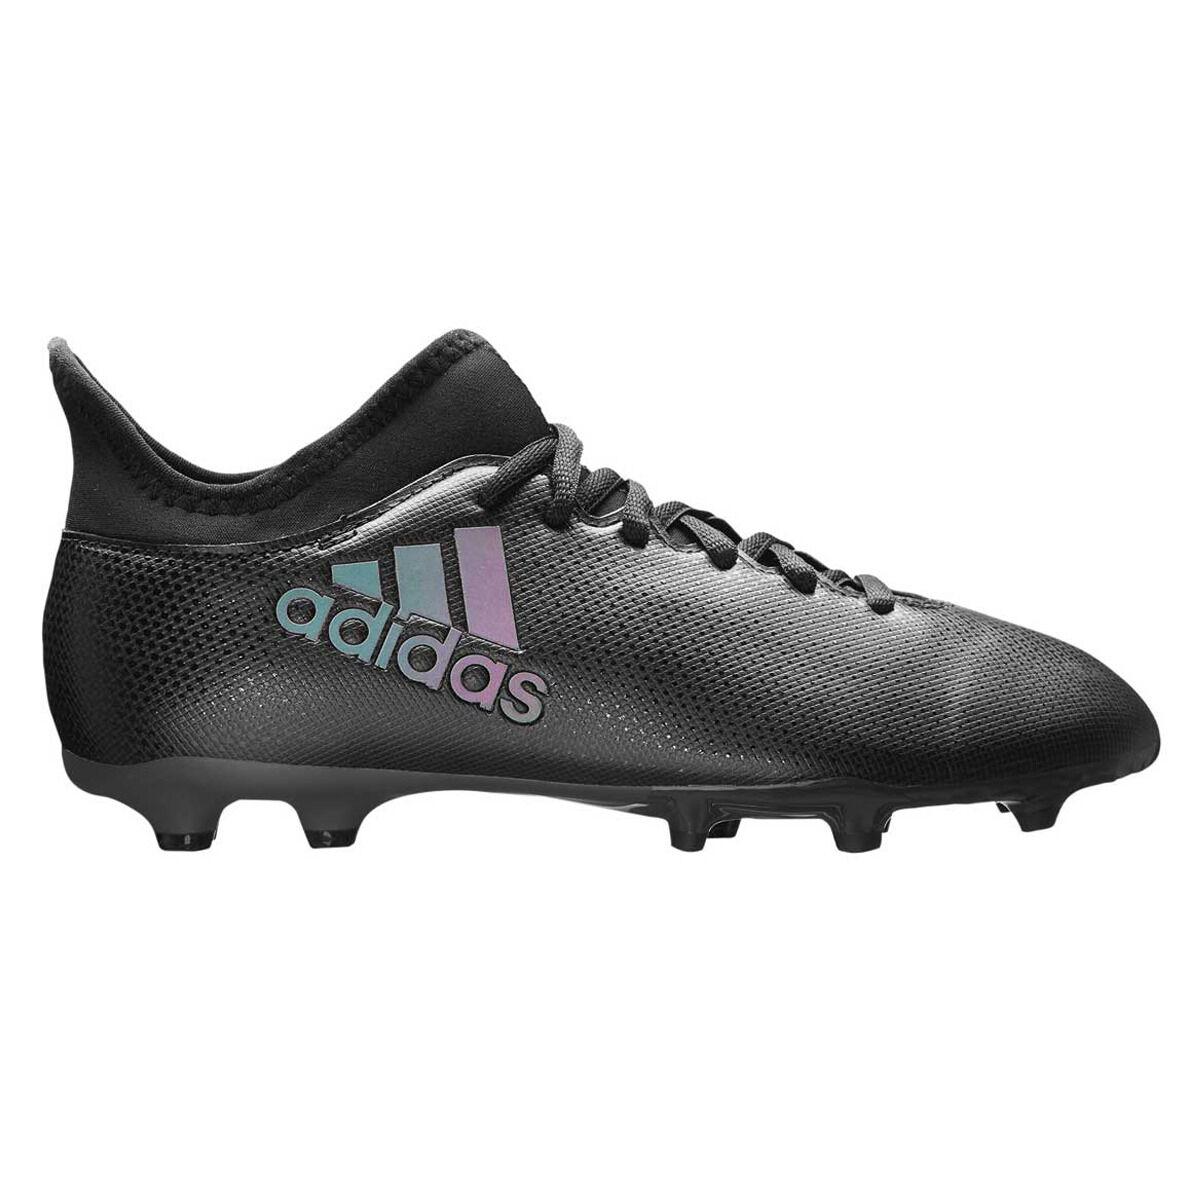 1ef17563b ... adidas x17.3 junior football boots rebelhi res